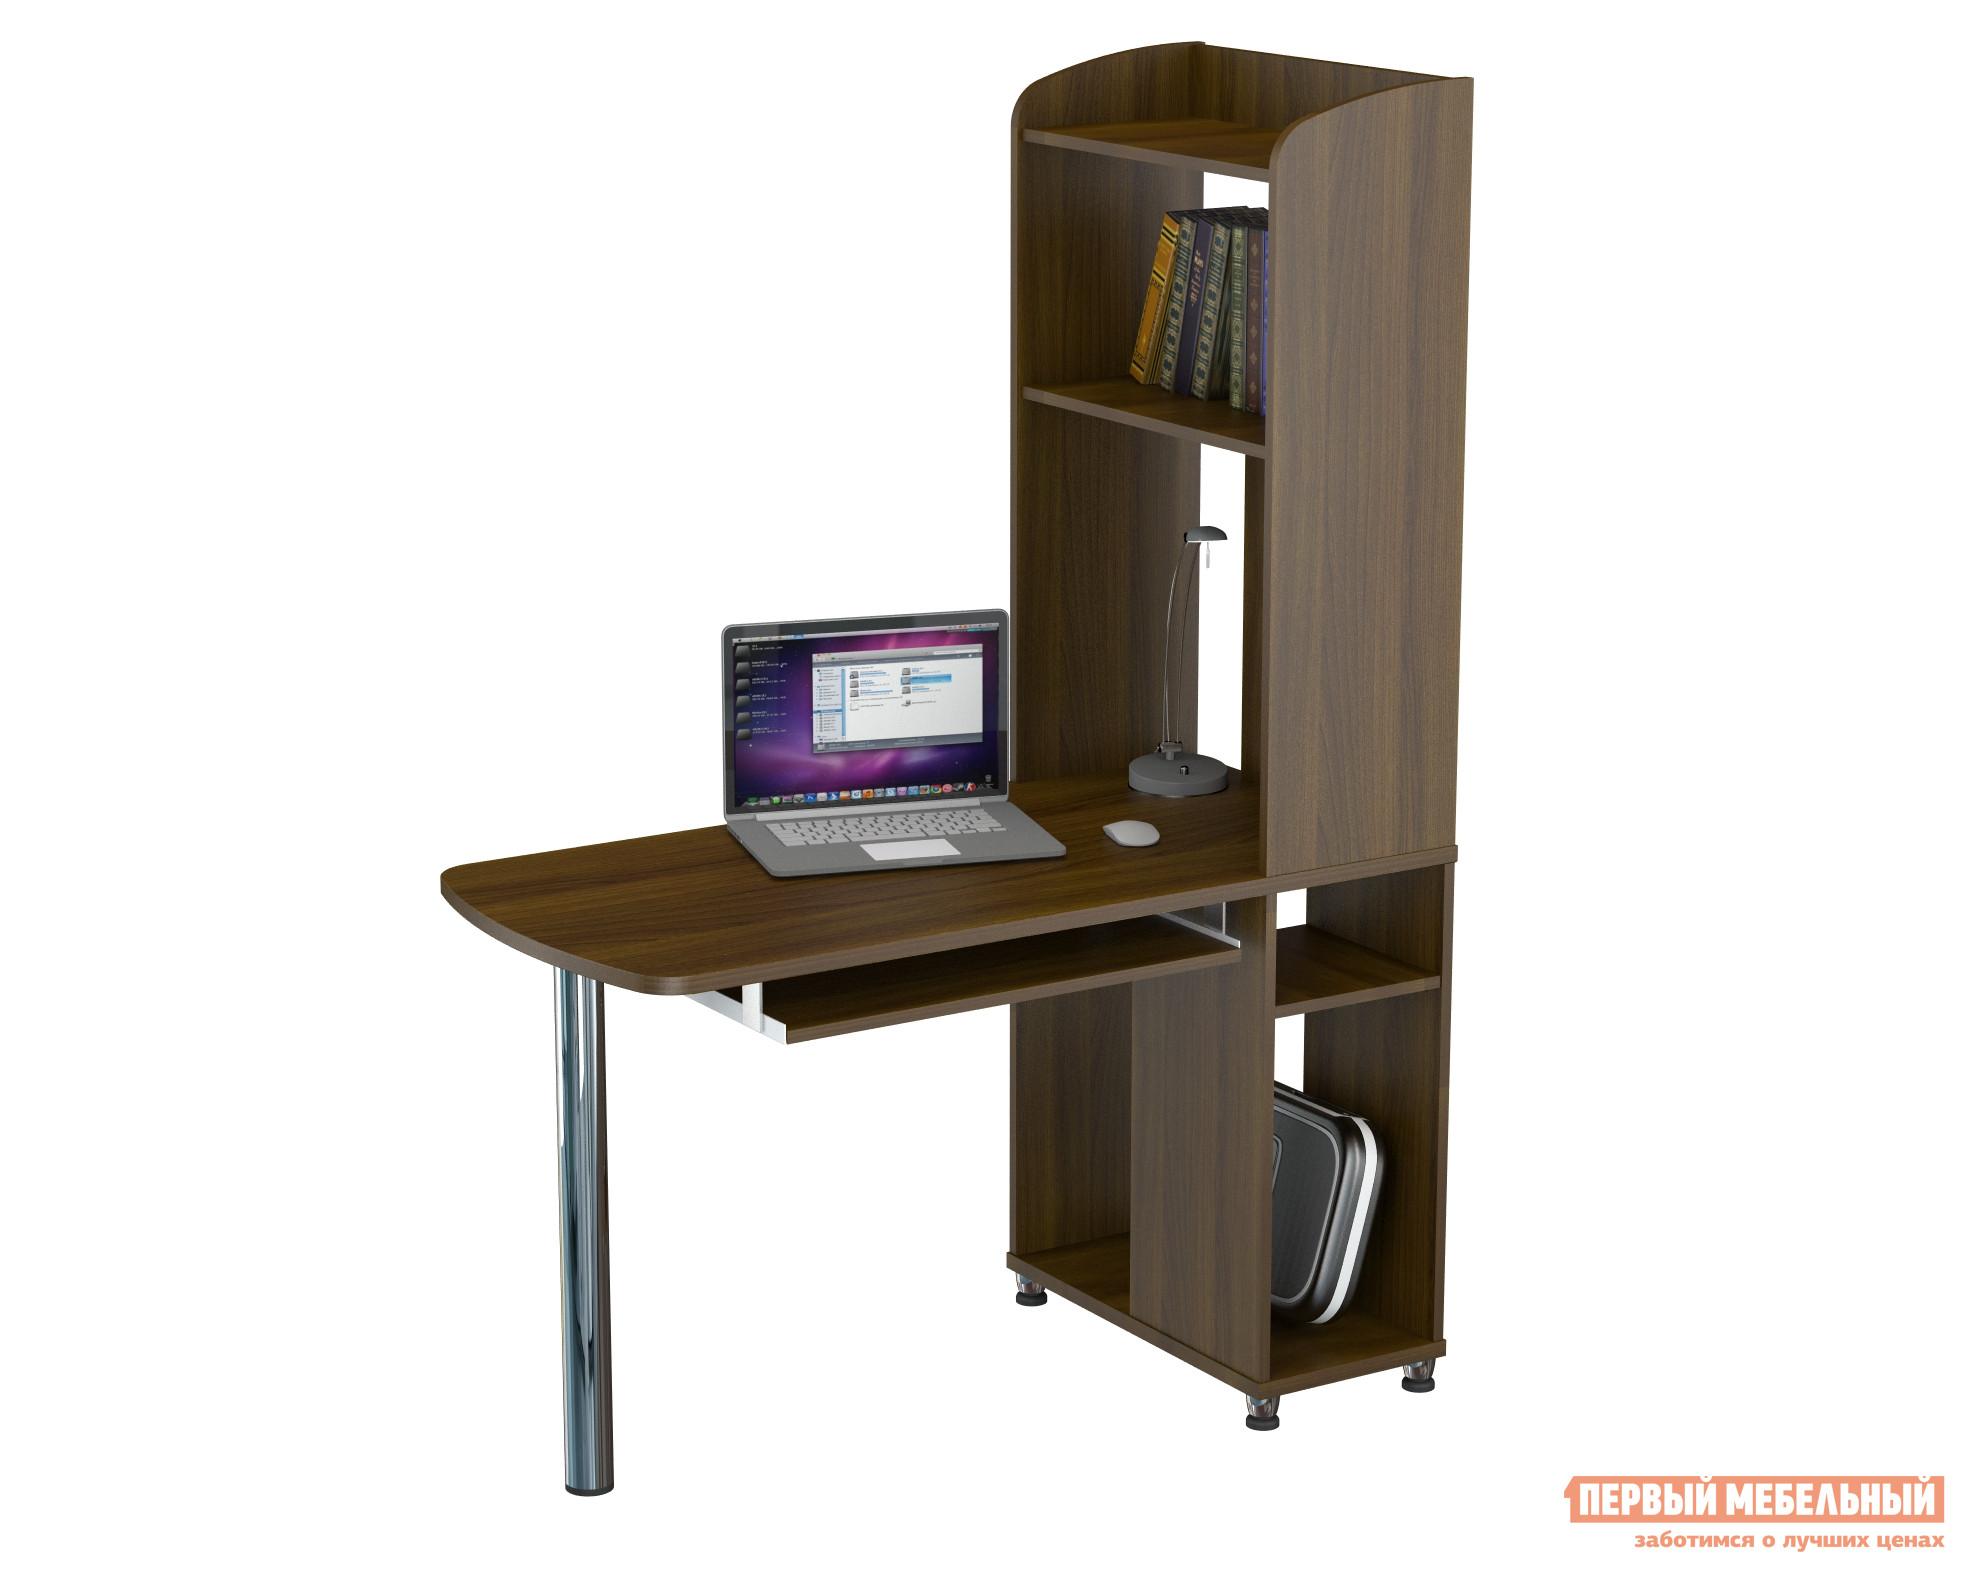 Угловой компьютерный стол андрон кс 20-31 м1 васко купить в .